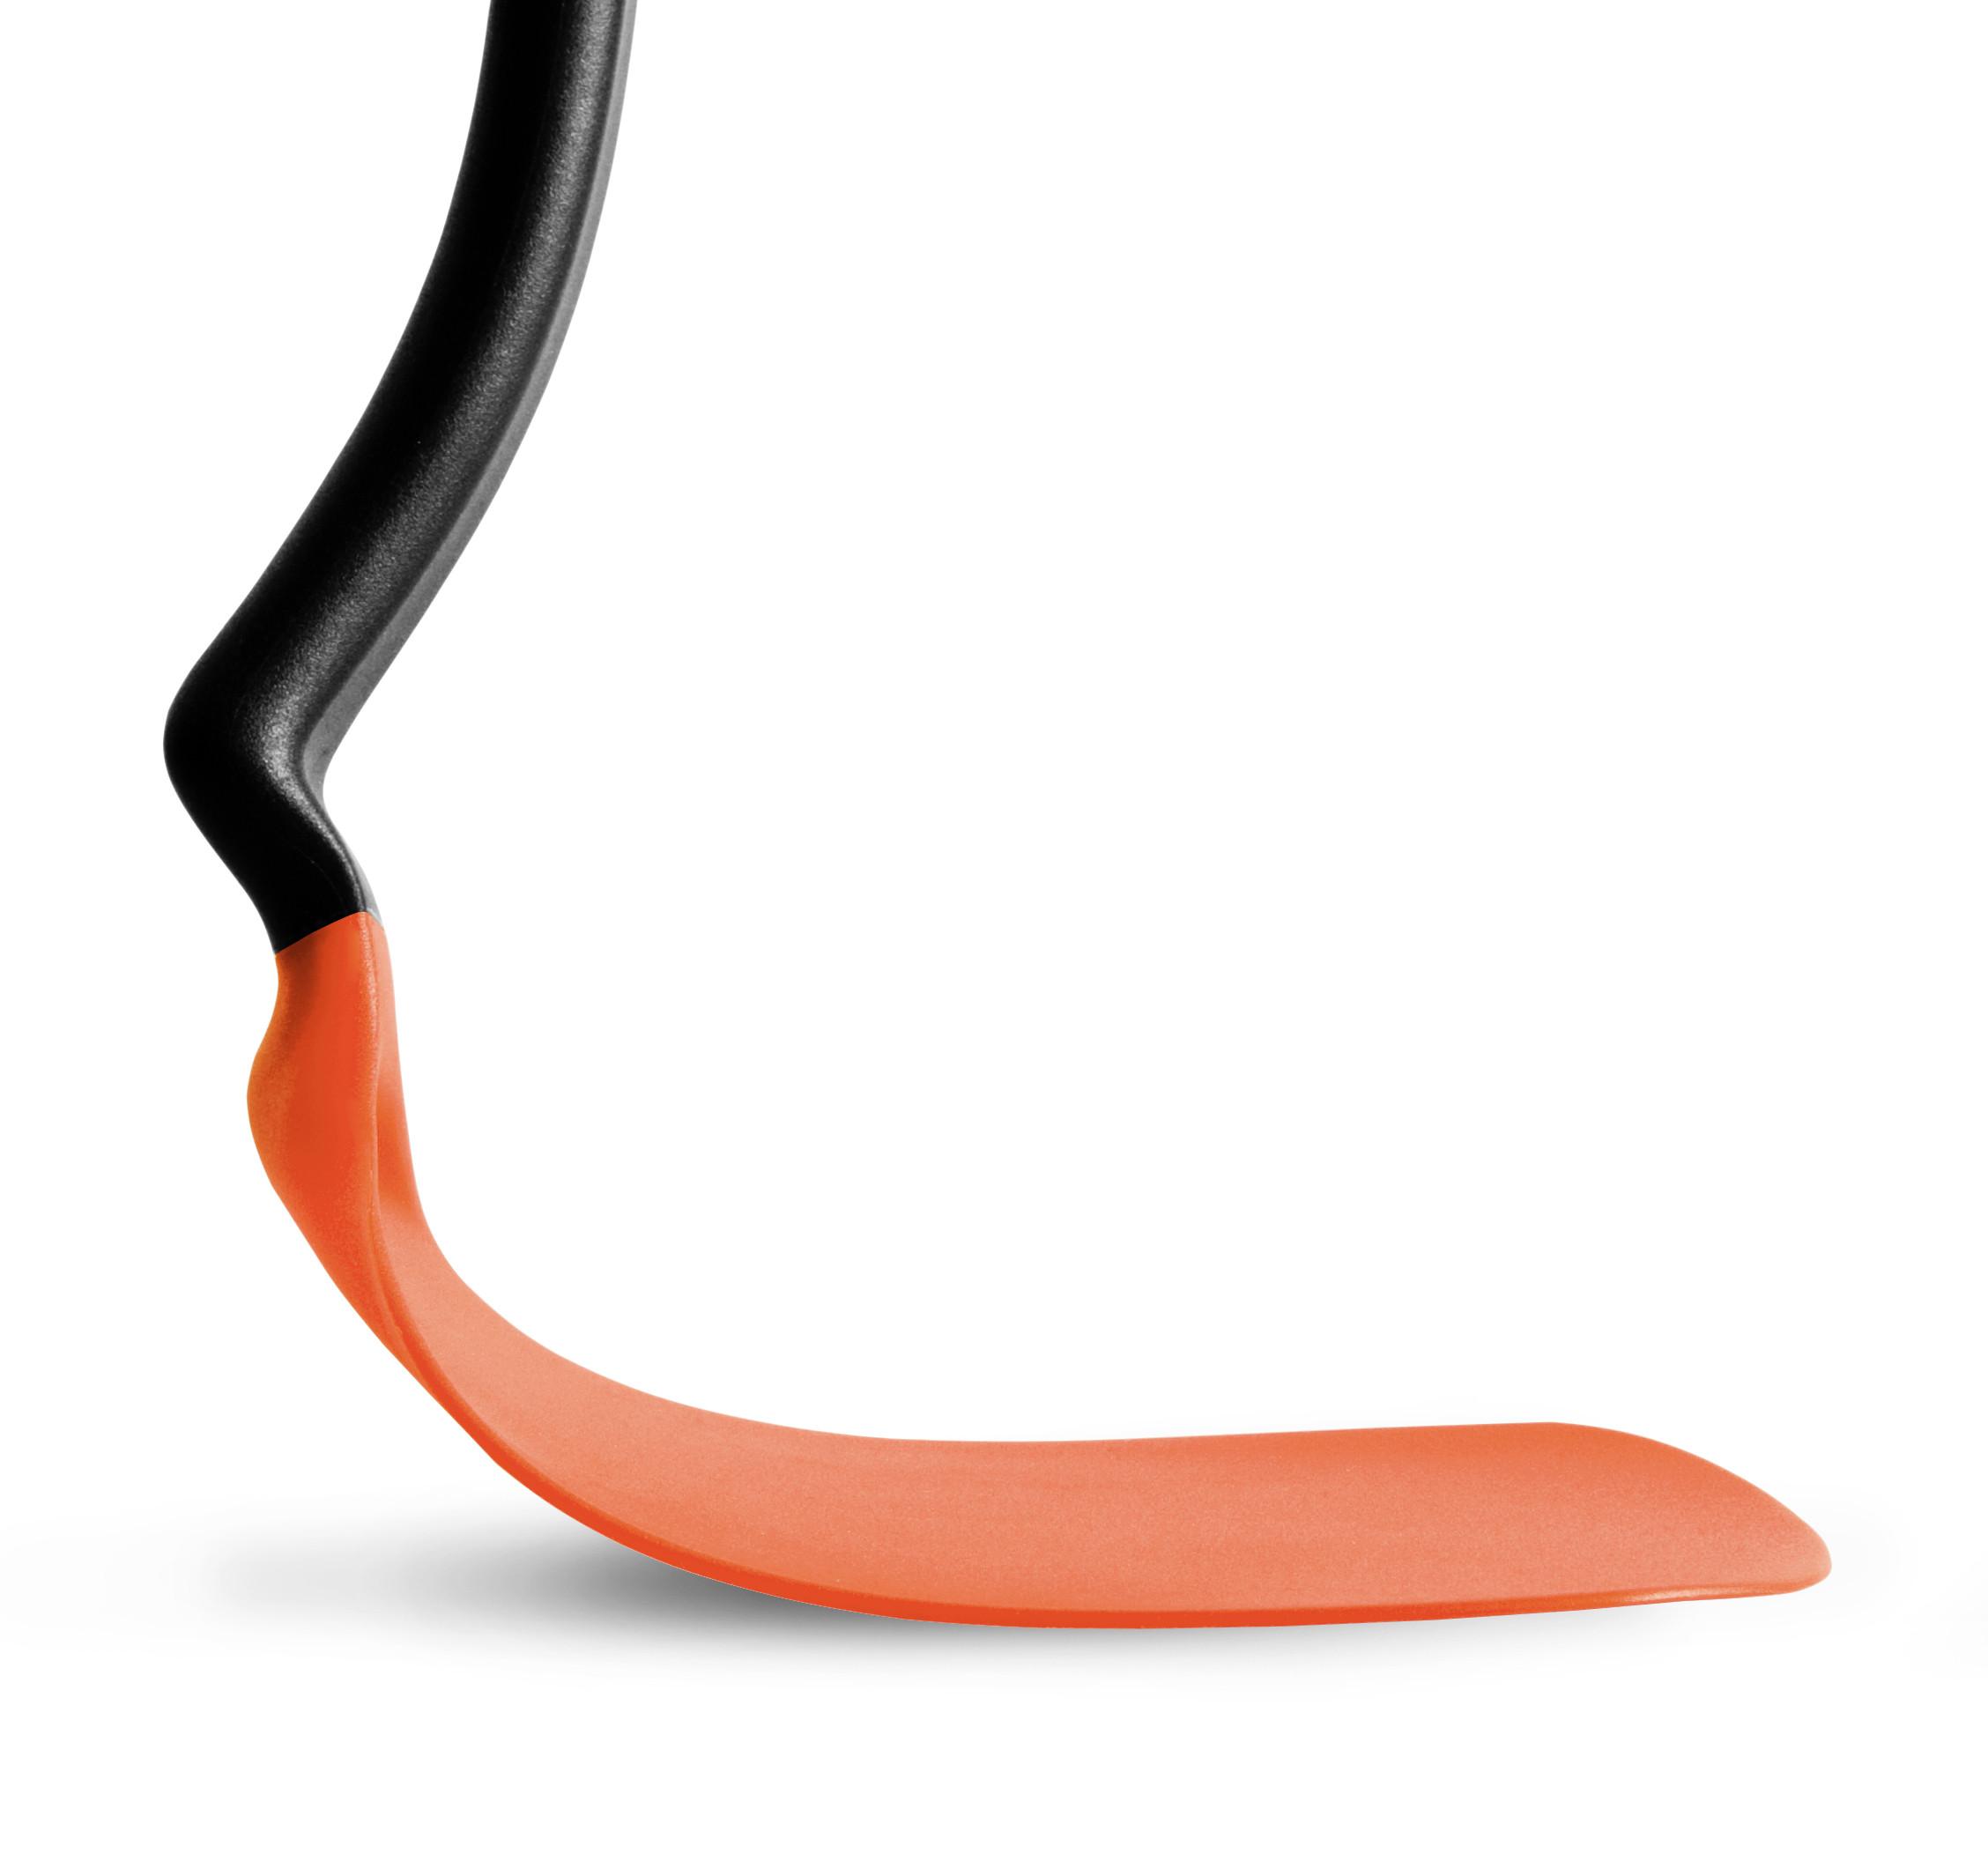 Chopula - Spatule flexible avec reposoir intégré - rouge